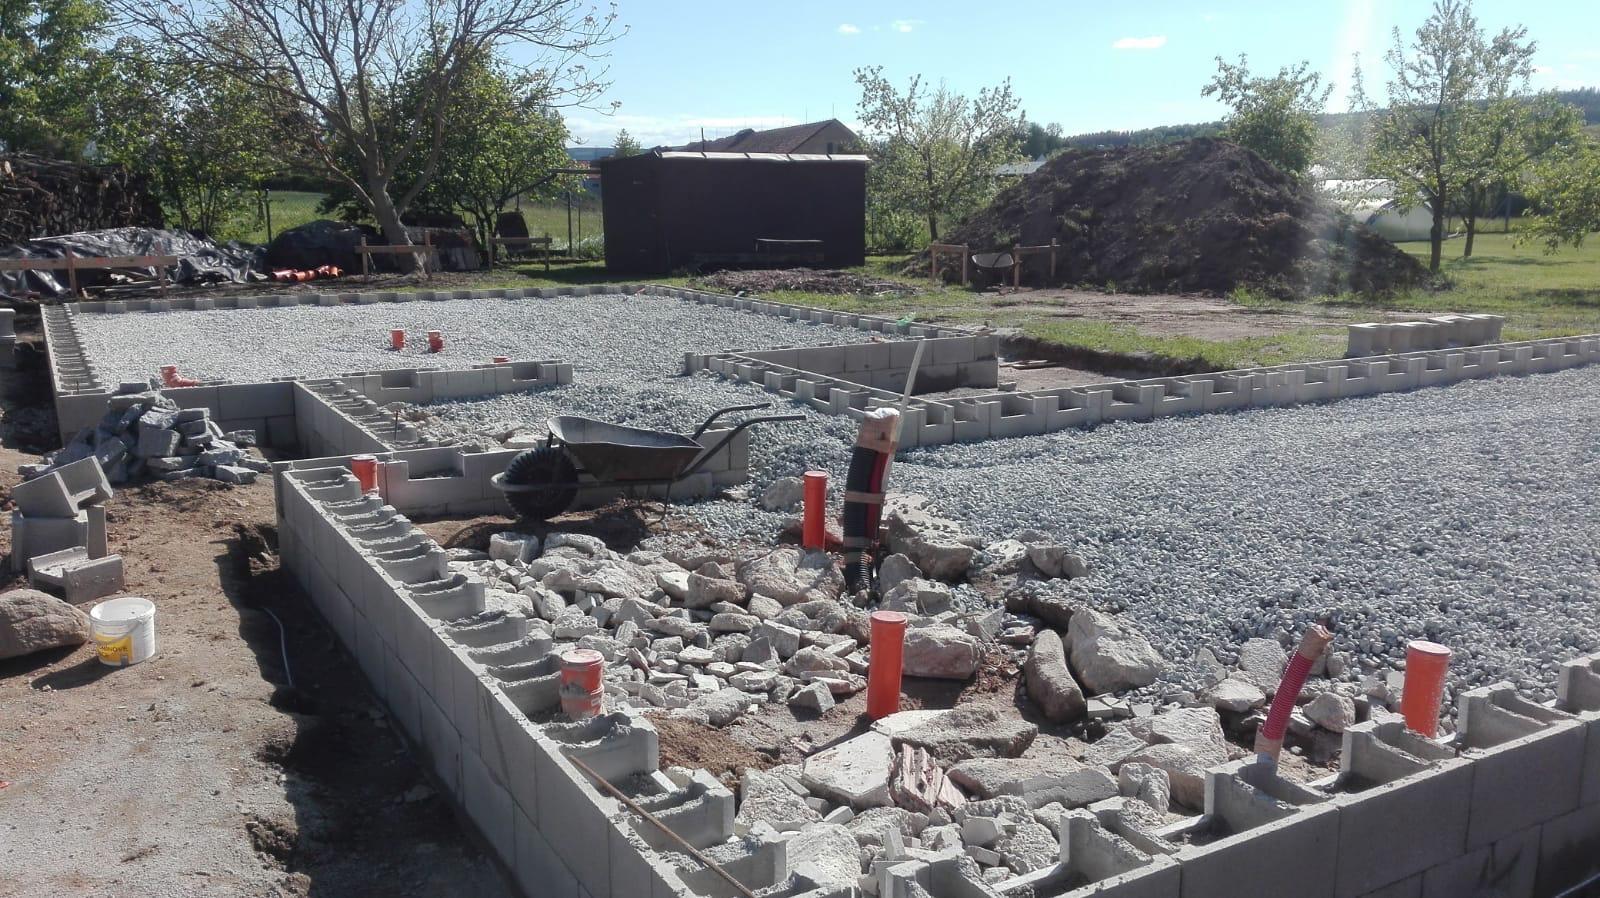 Dům do L - stavba 2020/2021 - 11.5.2020 Navezení kamene a štěrku